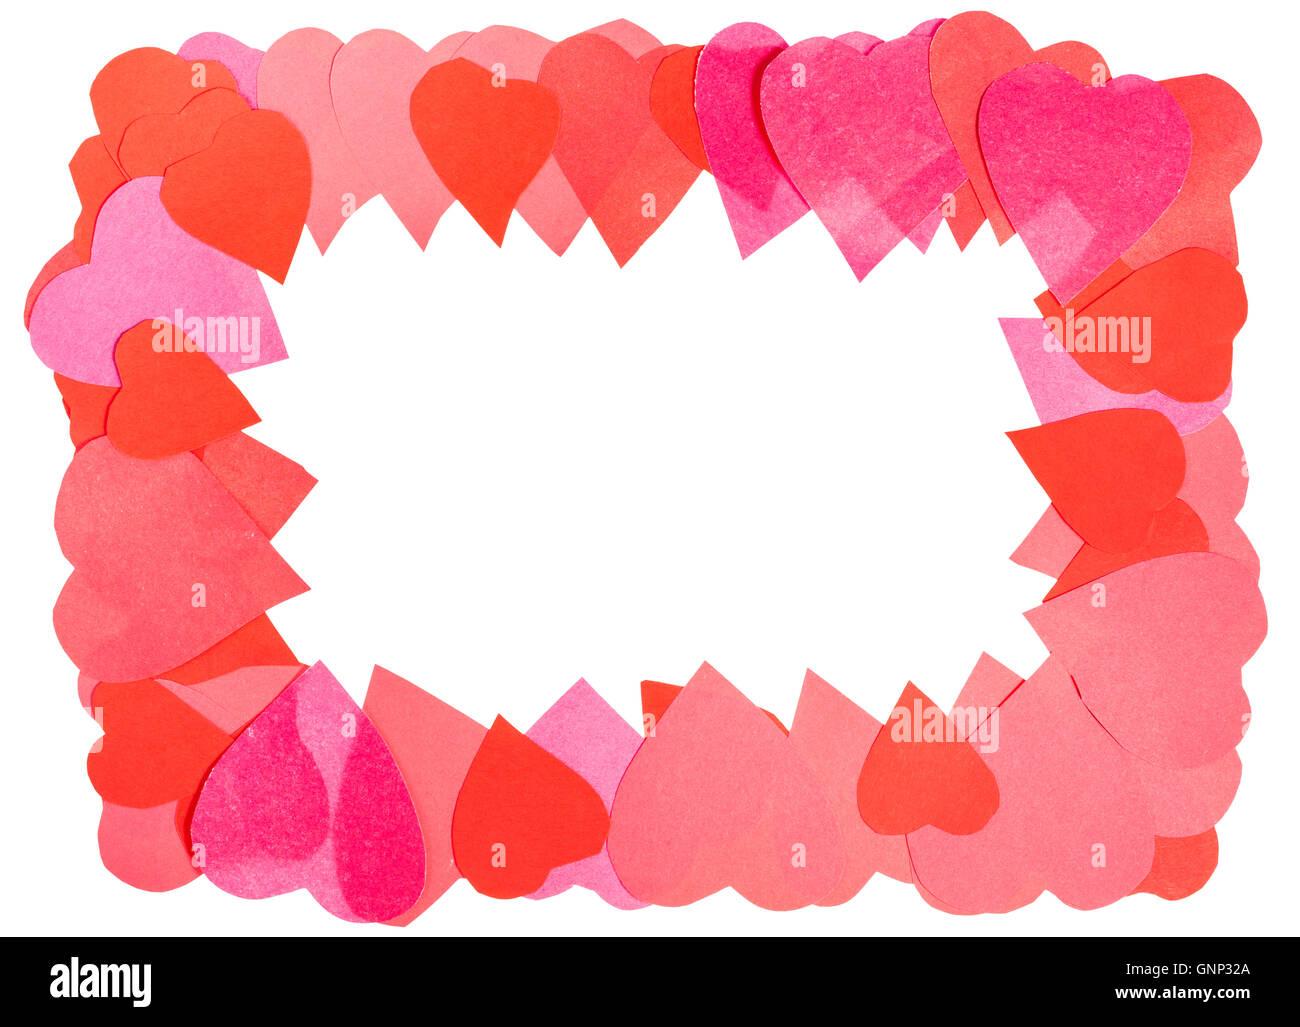 Rahmen aus Herzen geschnitzt aus Papier mit ausgeschnittenen ...